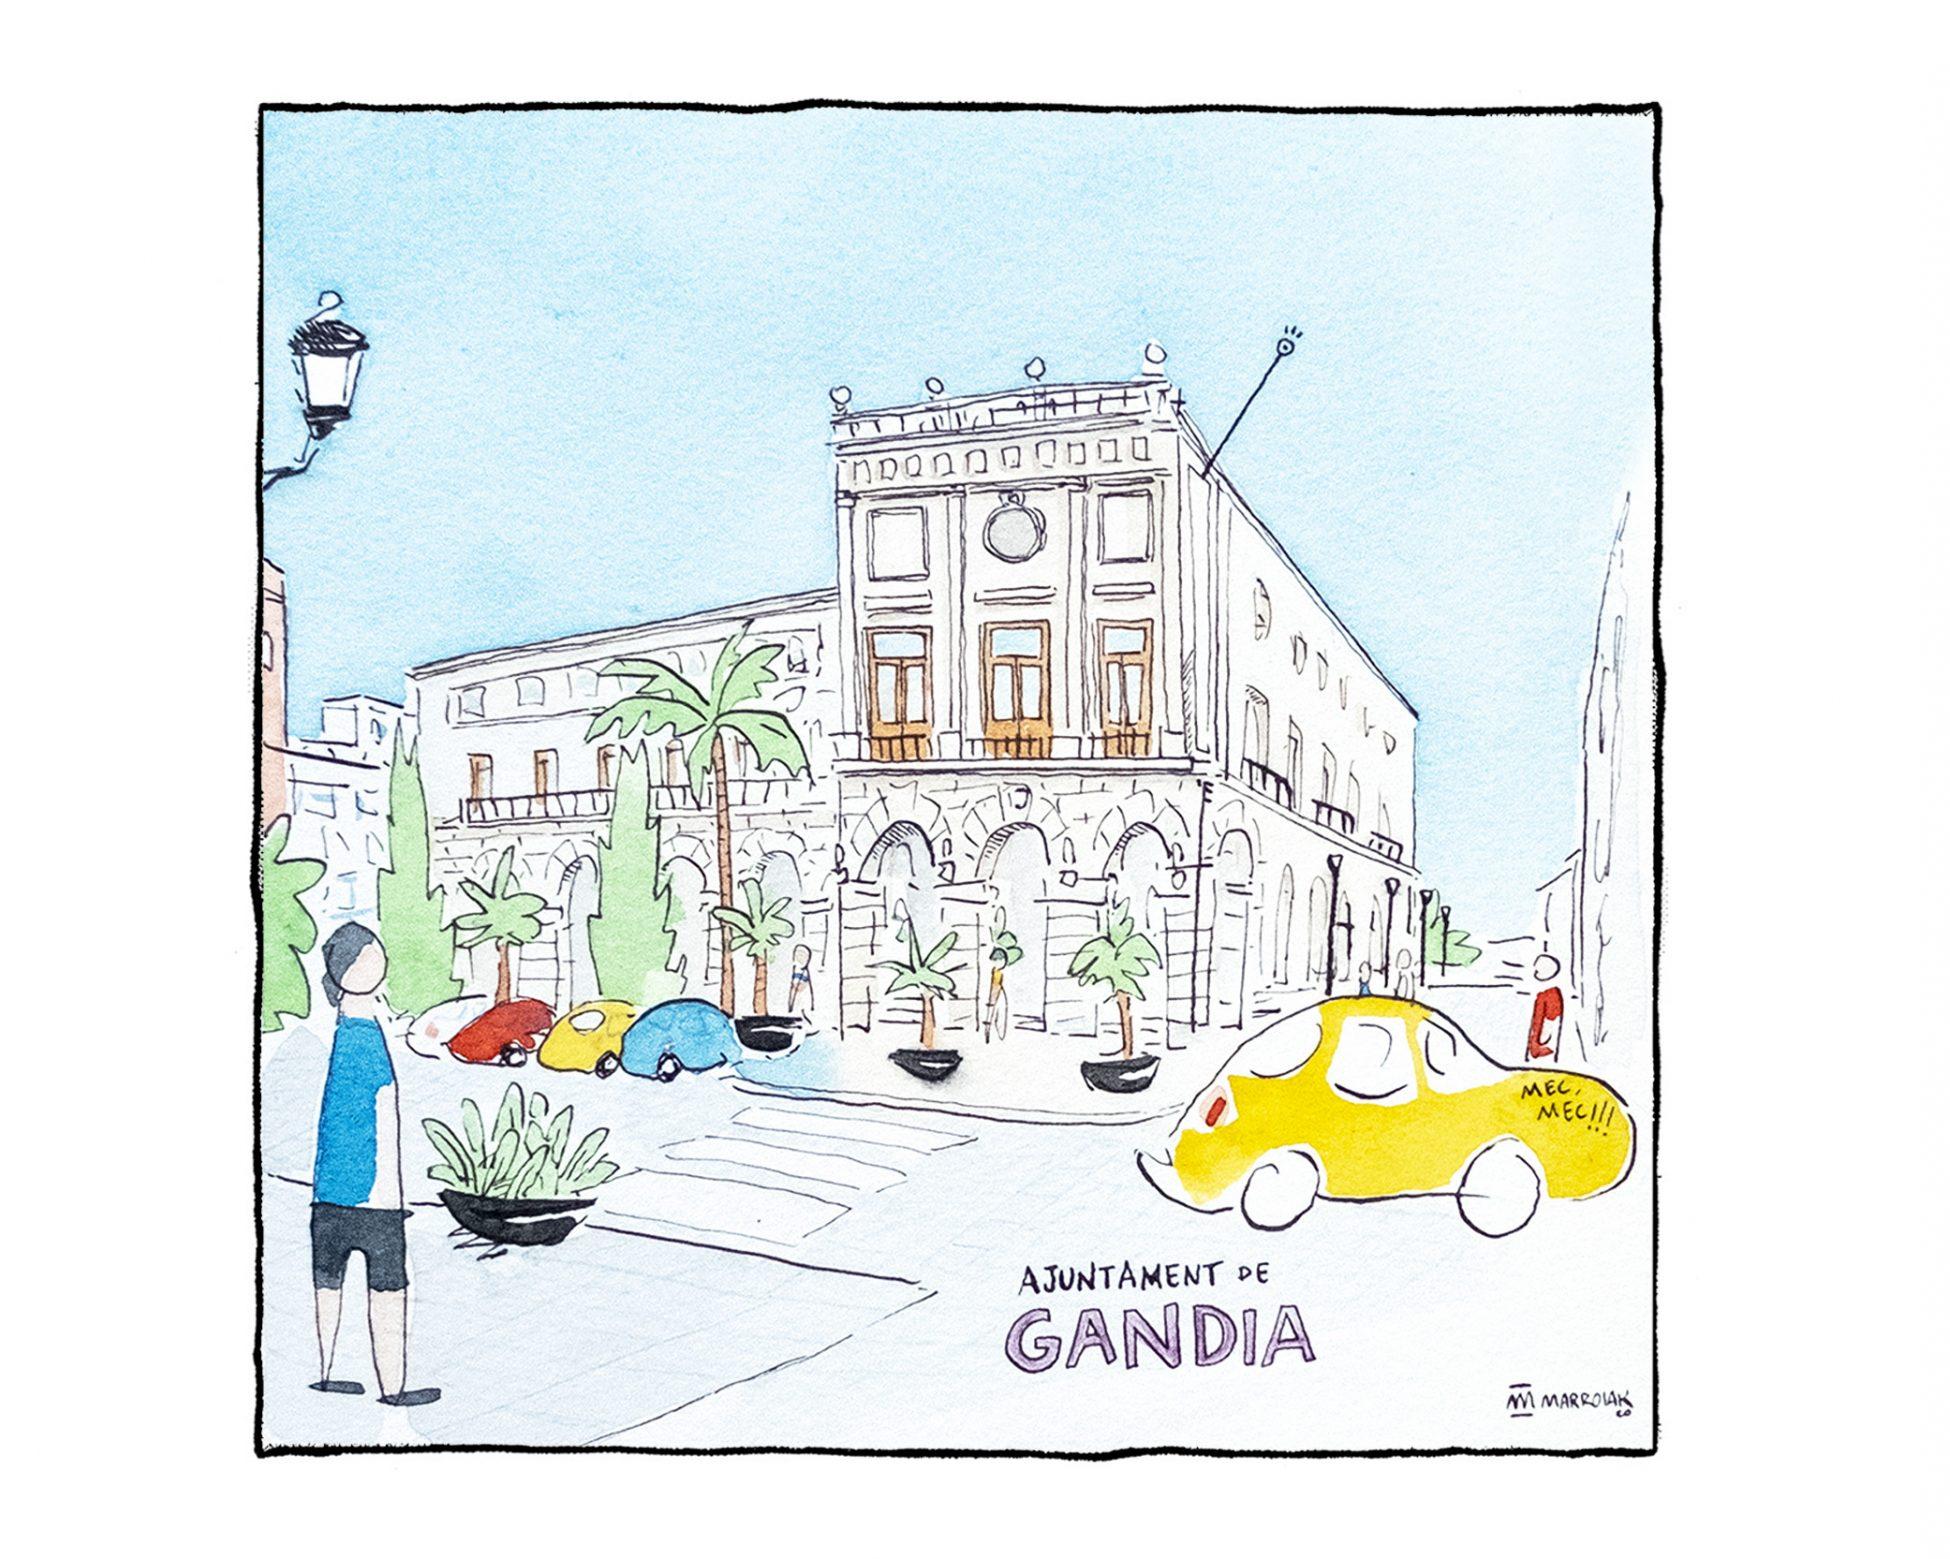 Ilustración en acuarela y tinta del Ayuntamiento de Gandía, La Safor (Valencia). Dibujo estilo urban sketchers